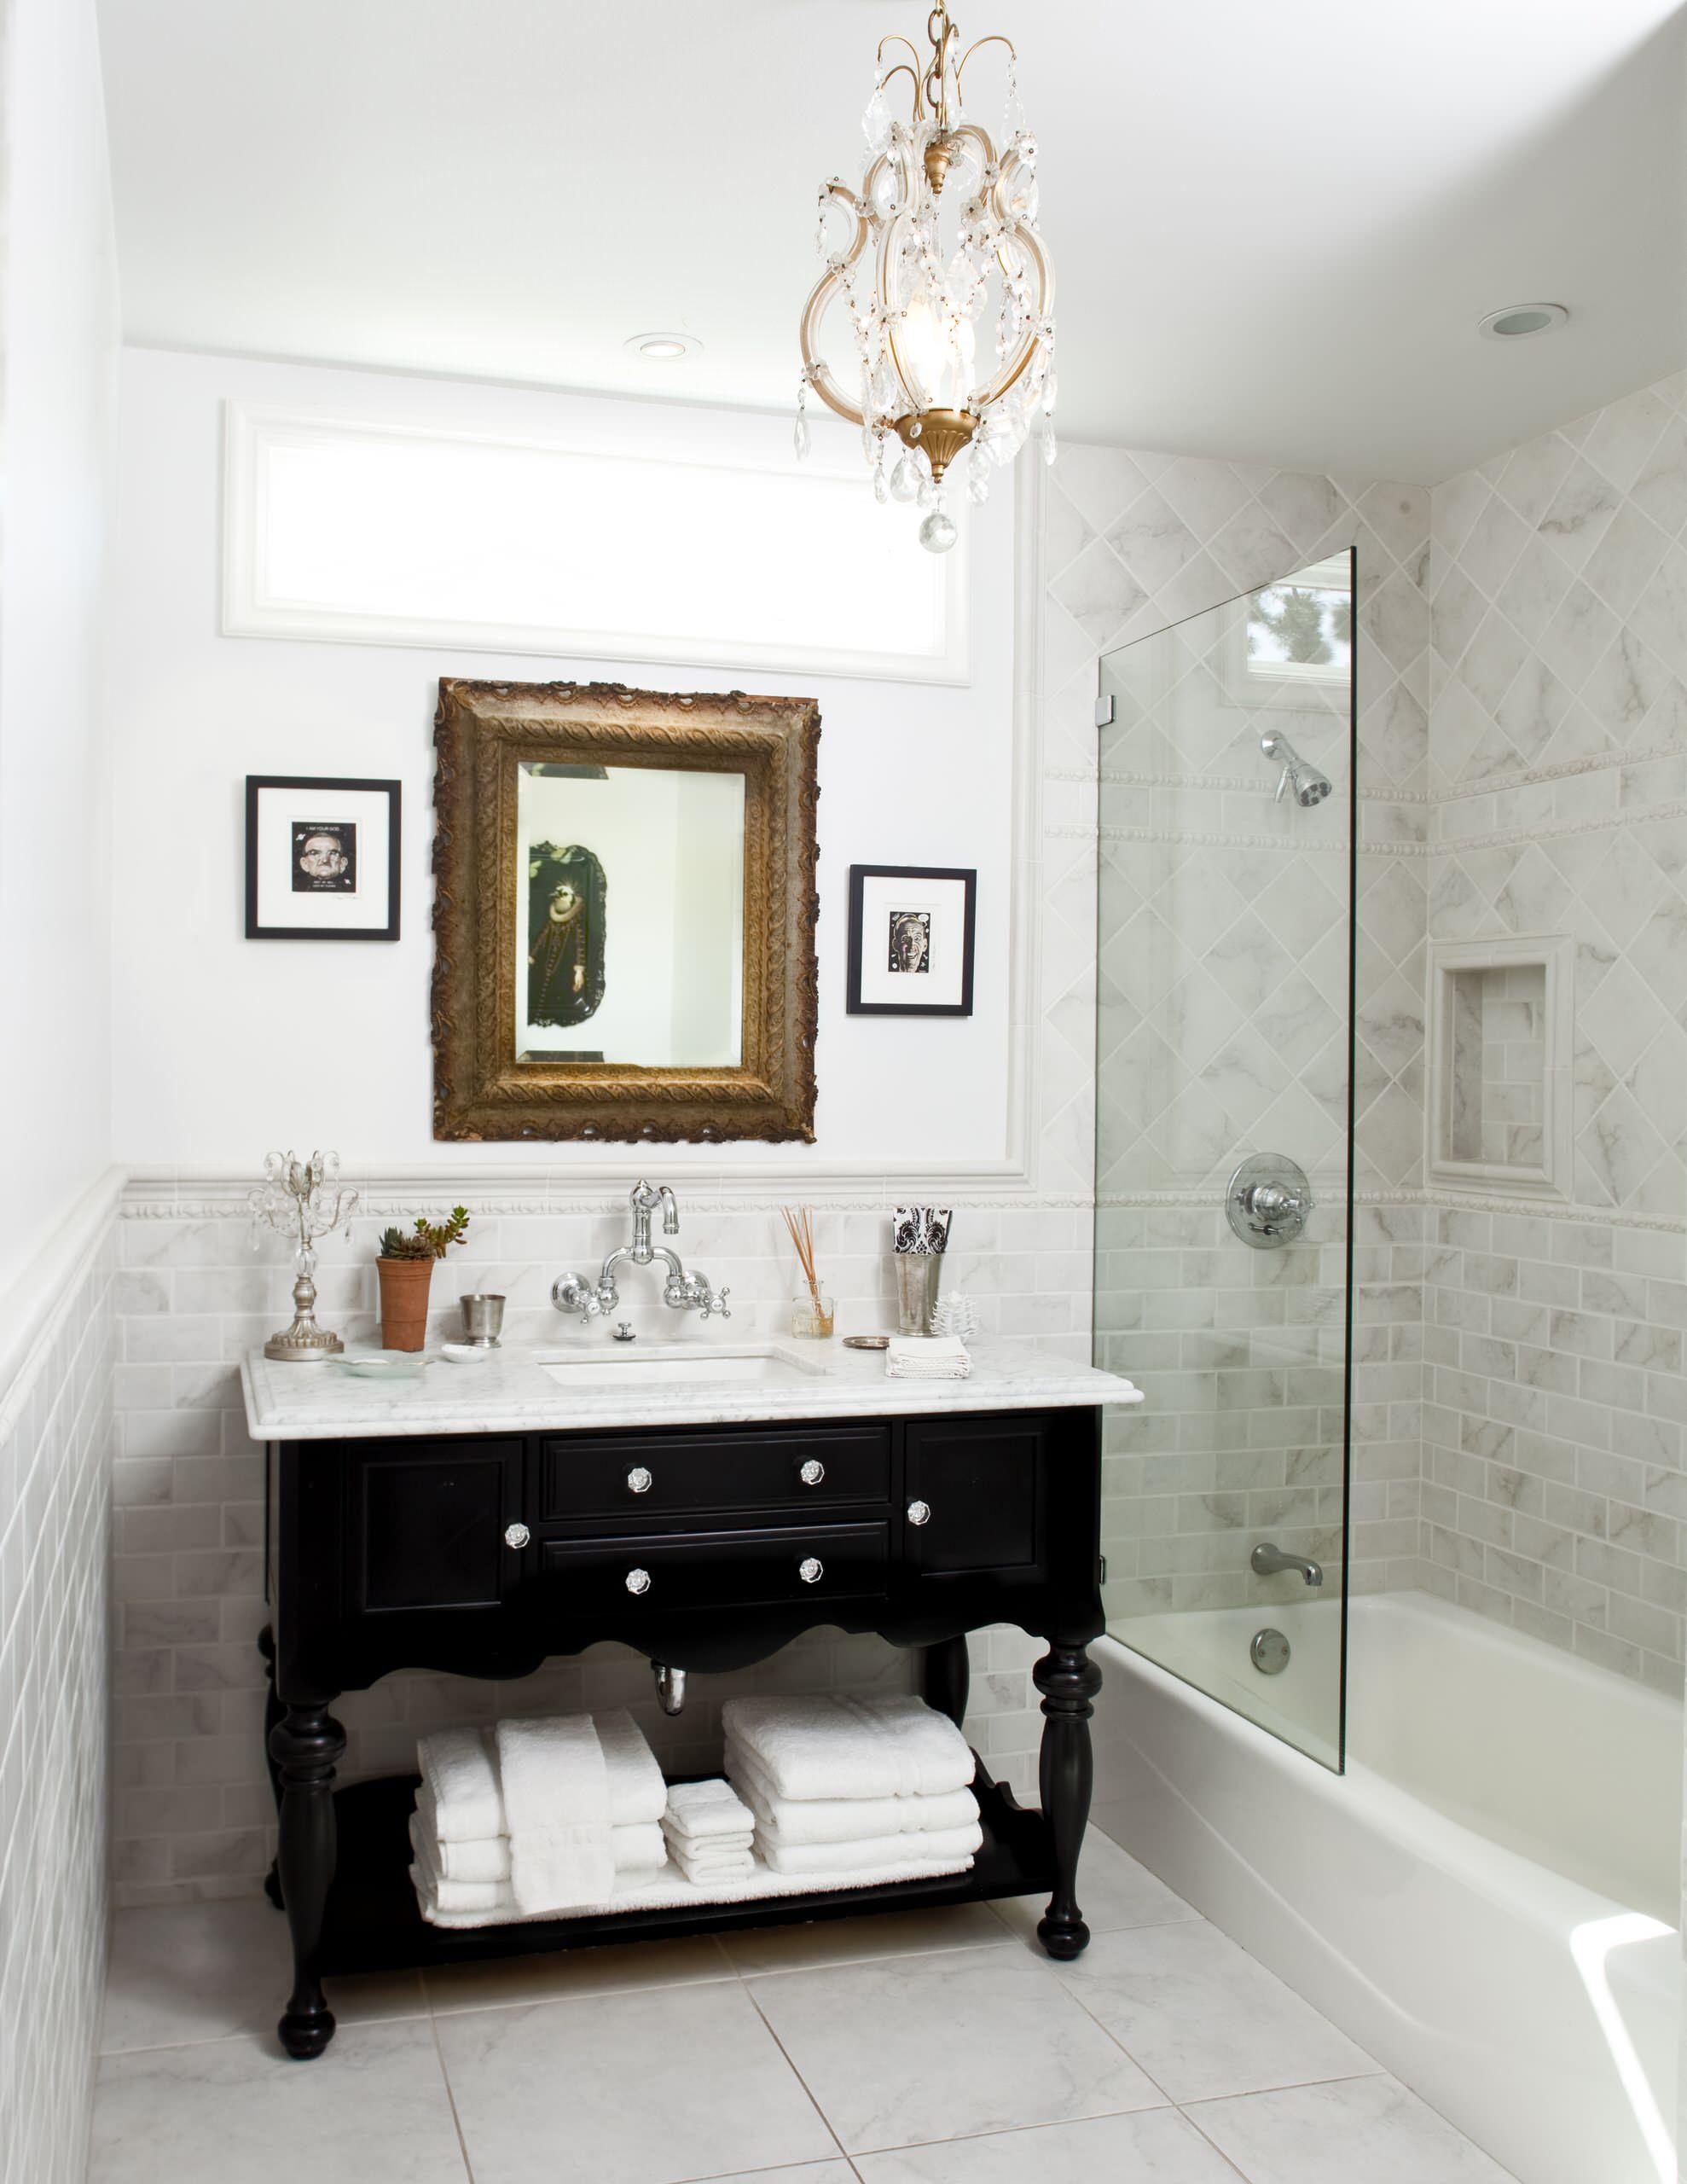 6x6 Tile Bathroom Ideas Photos Houzz